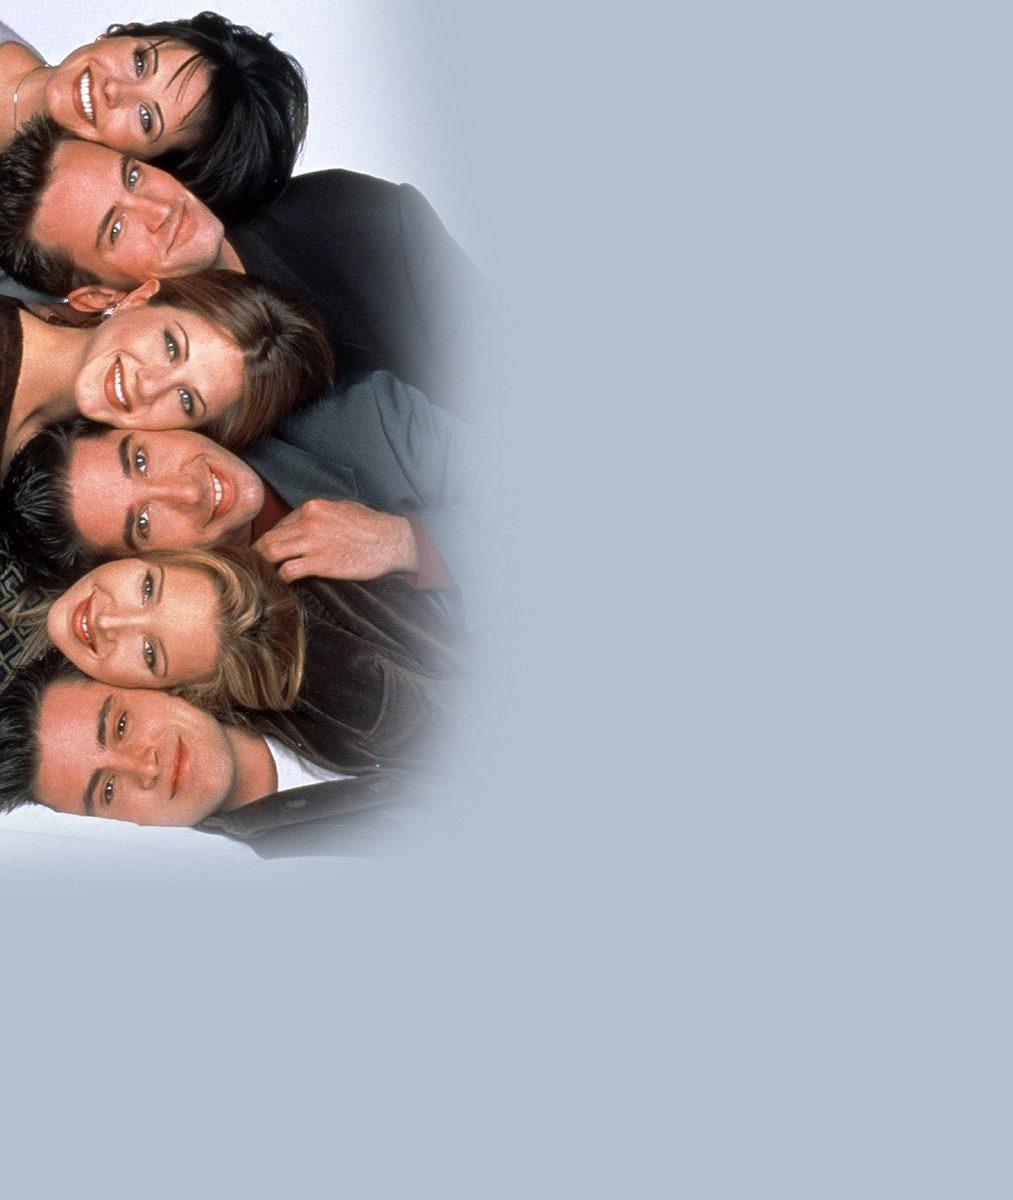 Hvězdy seriálu Přátelé se sešly po 12 letech, chyběl jen Chandler